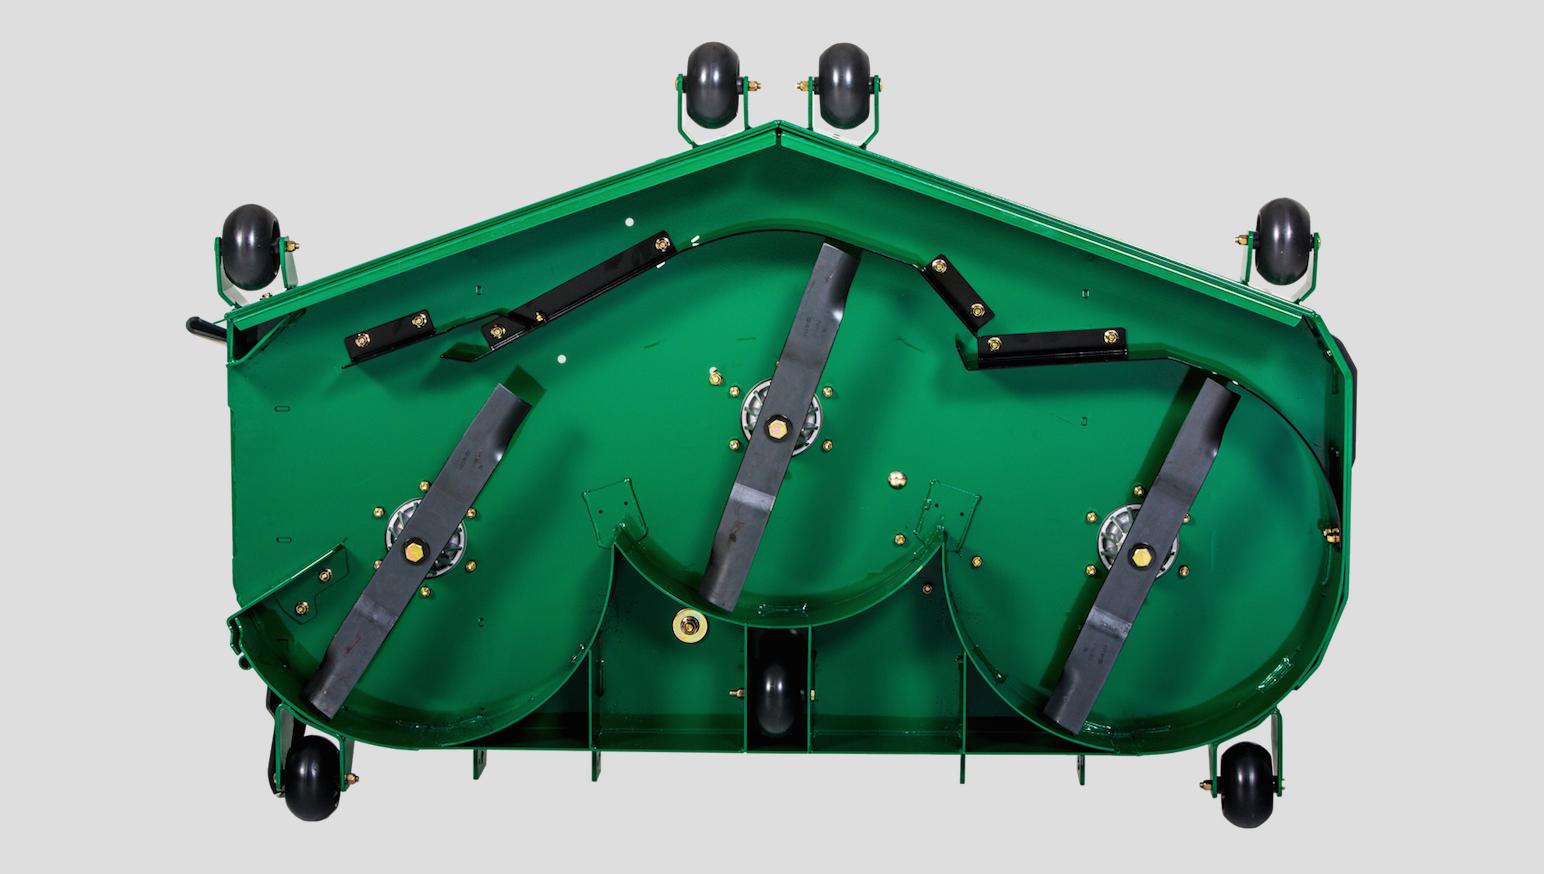 Mower roundup: Toro's TimeMaster mower updated